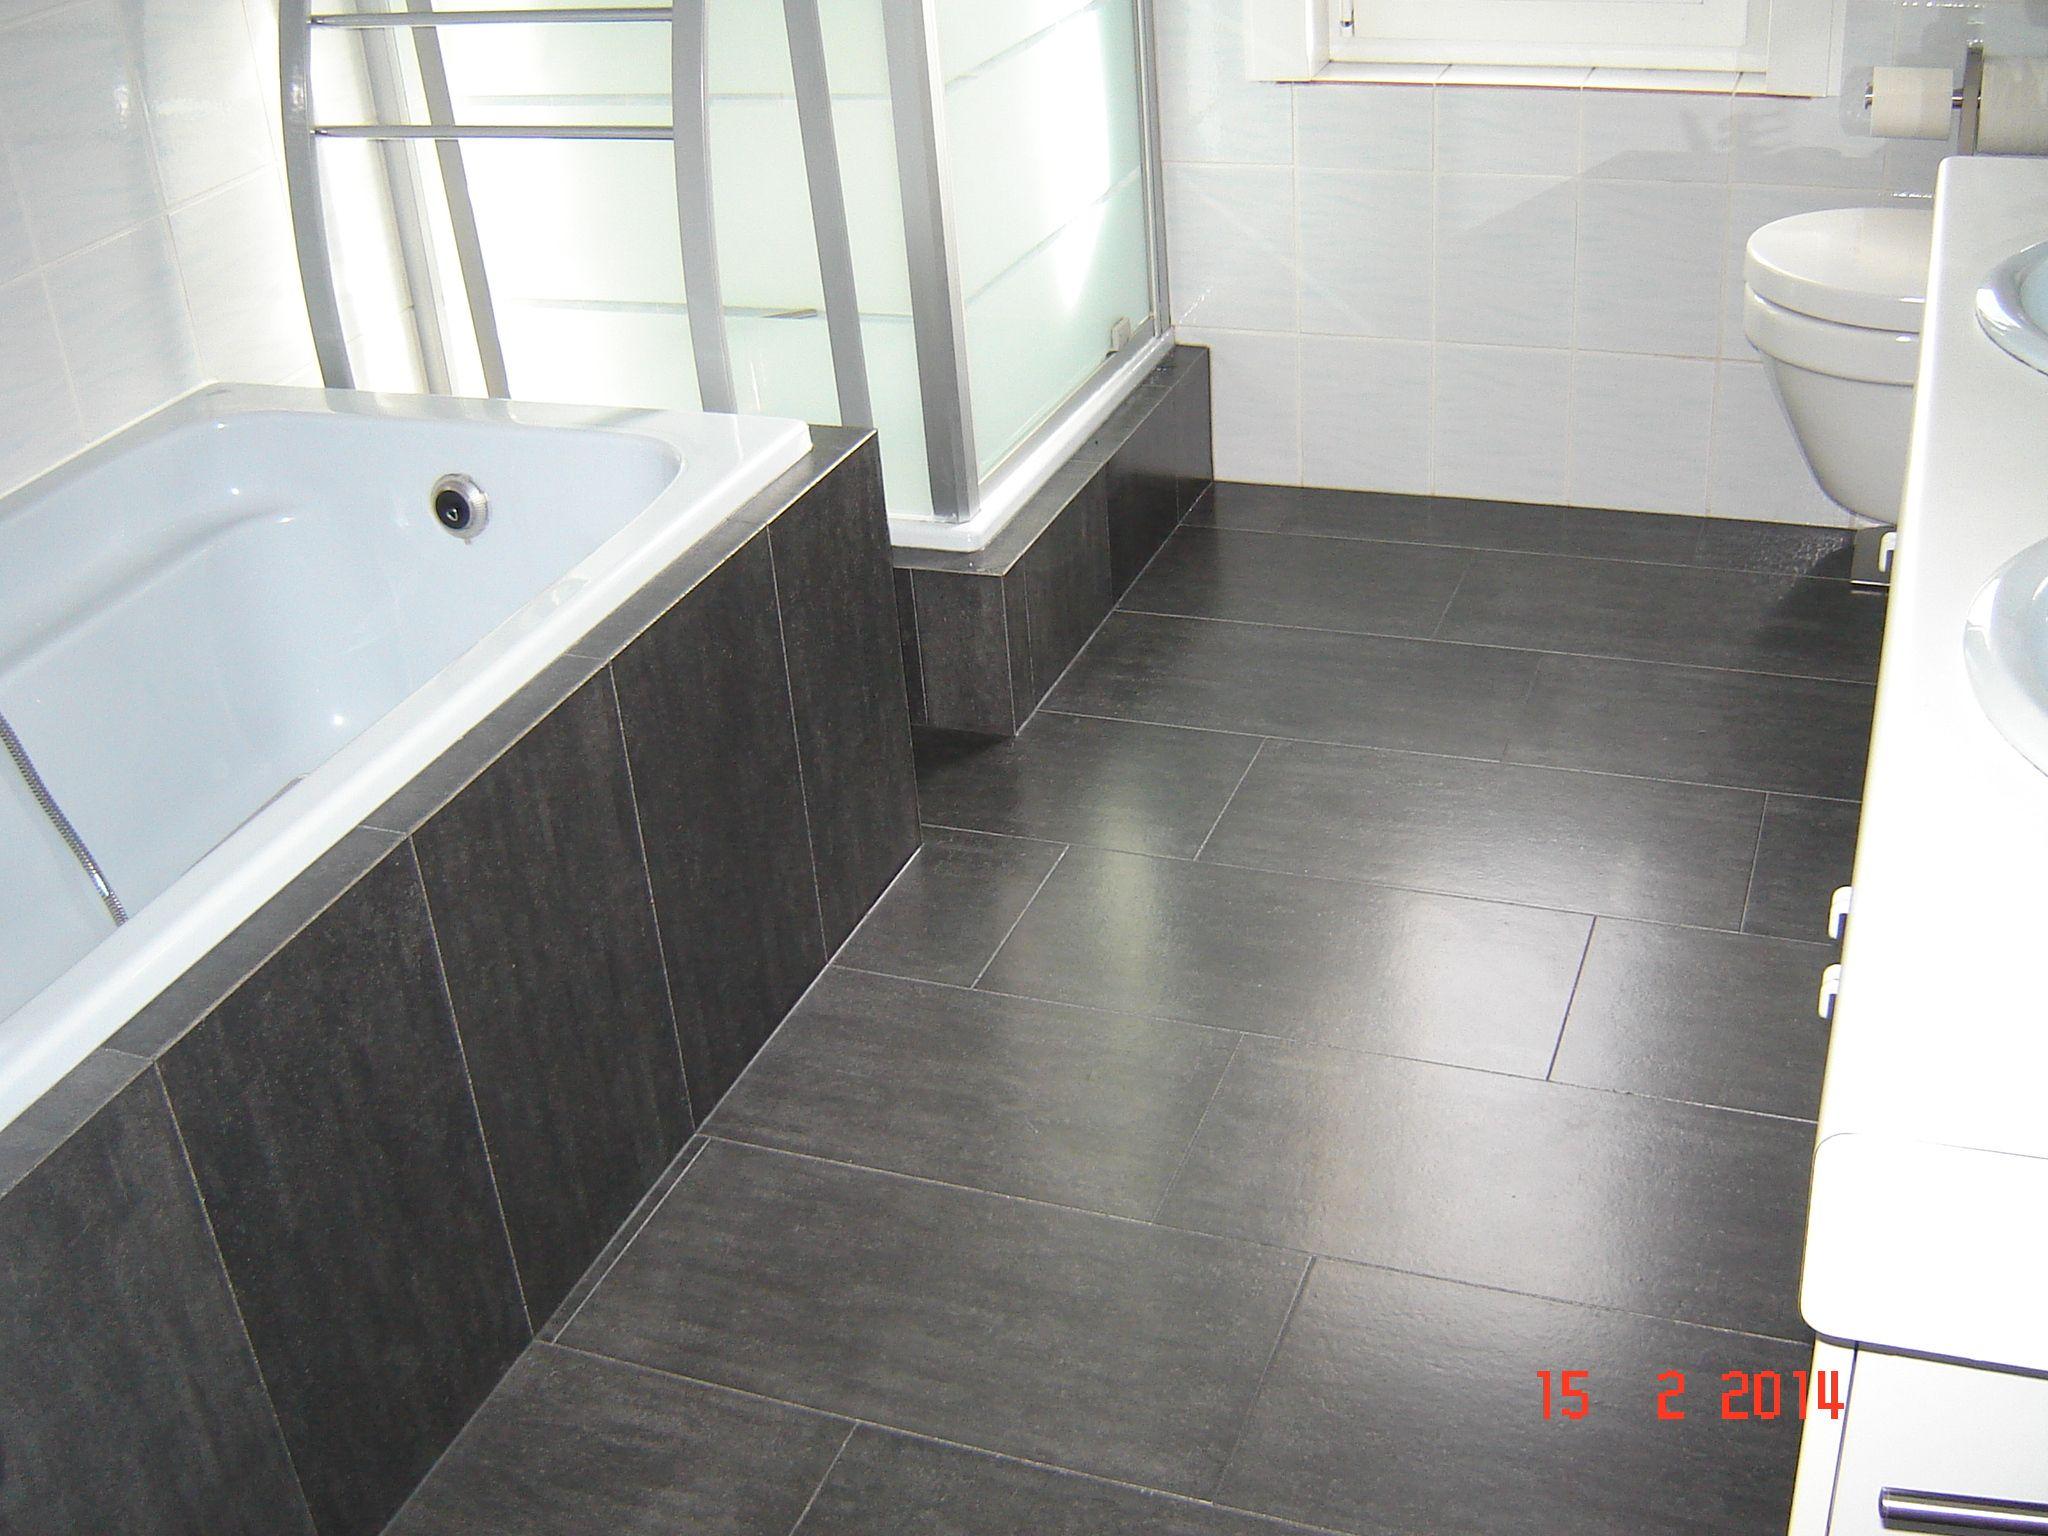 wat is dé prioriteit in een vochtige ruimte als de badkamer, Badkamer